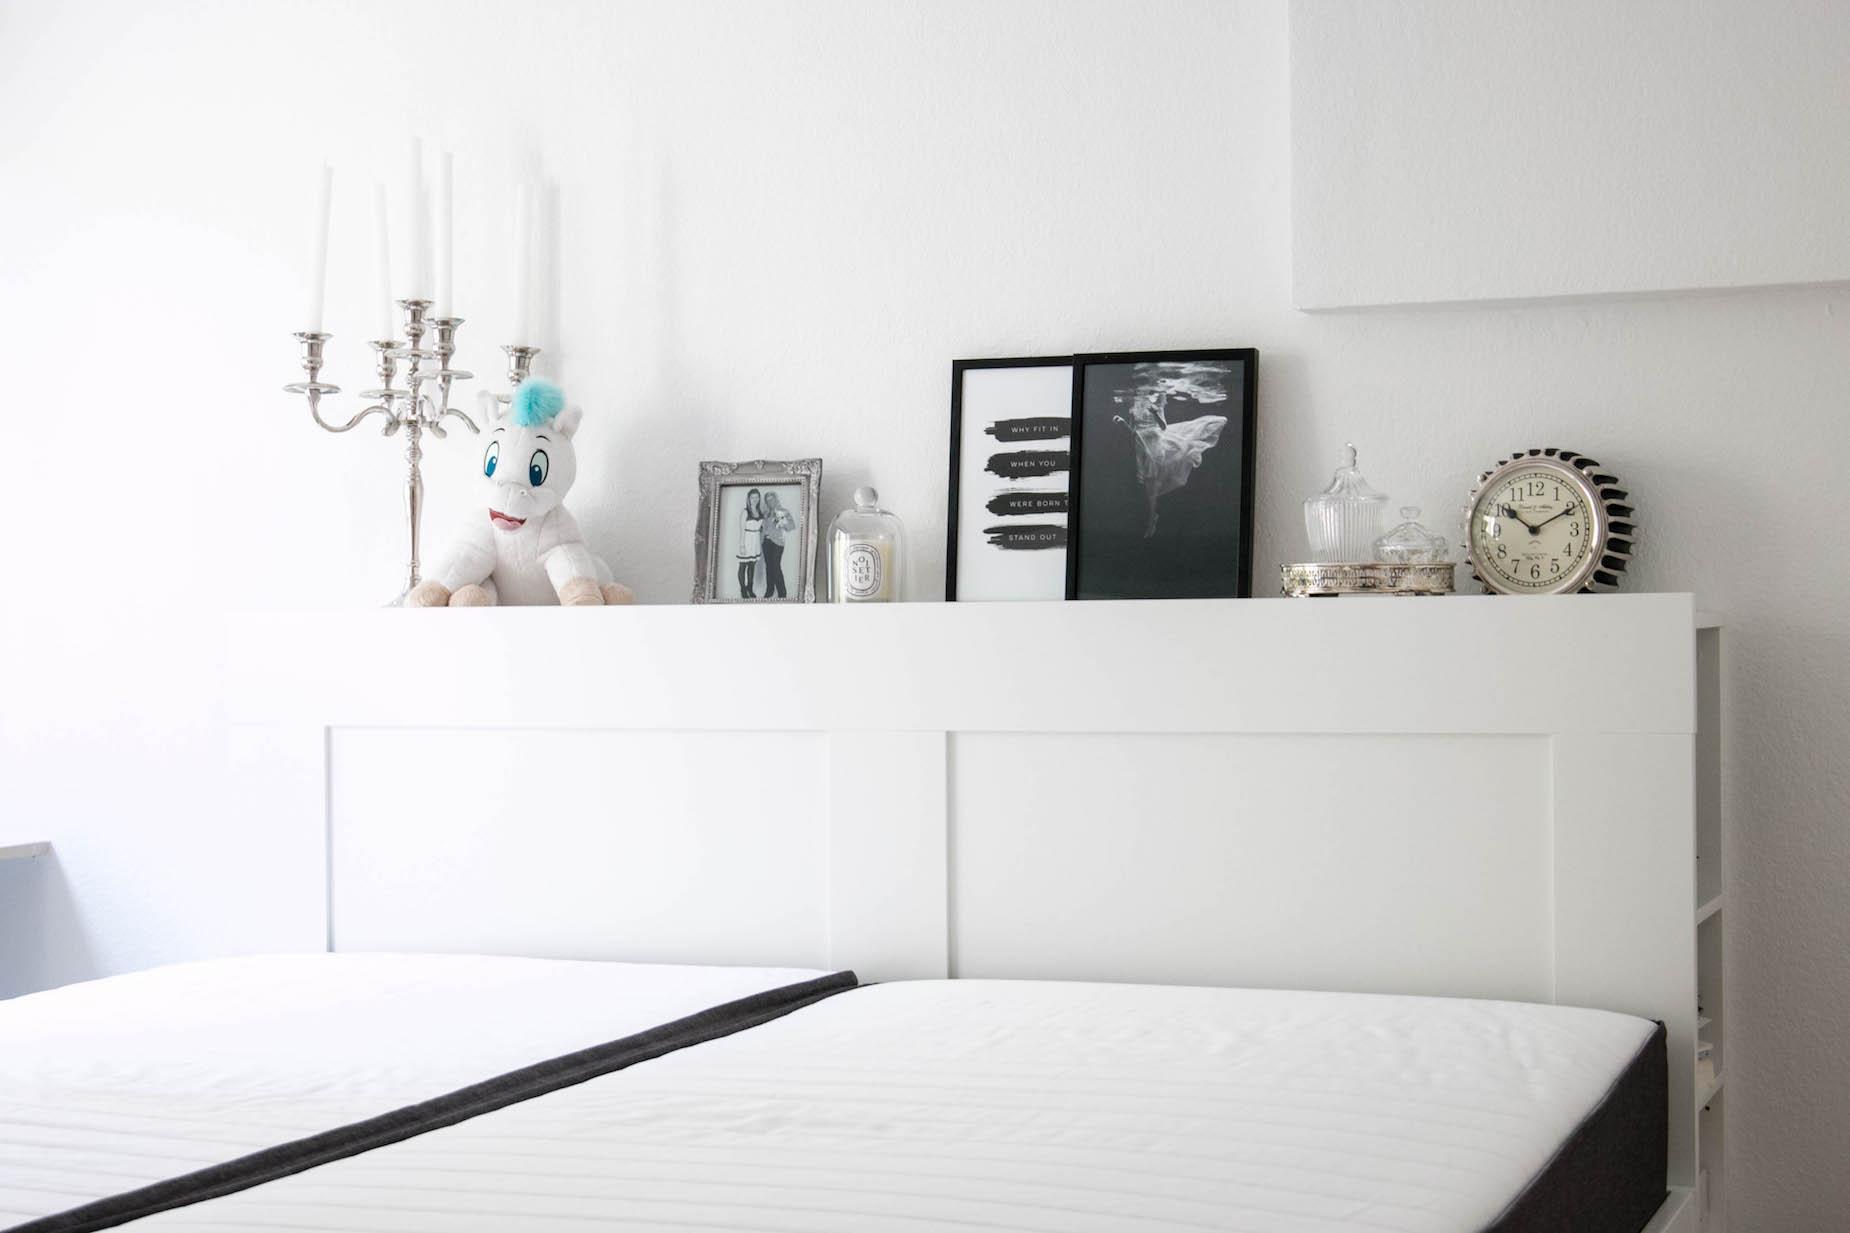 Hervorragend Schlafzimmer Inspiration Weiss Sara Bow Bloggerin Interior